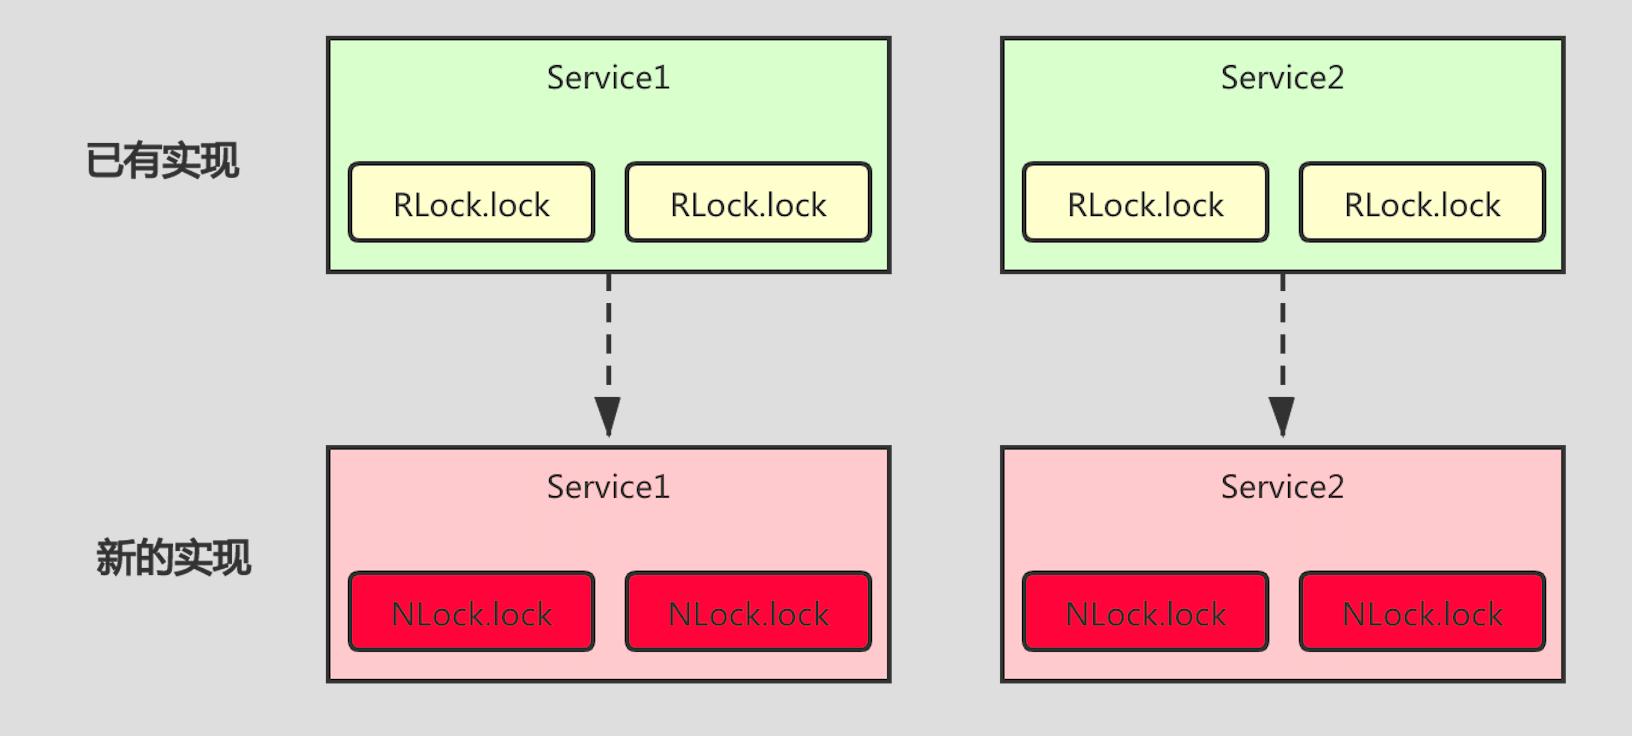 如何将分布式锁封装的更优雅